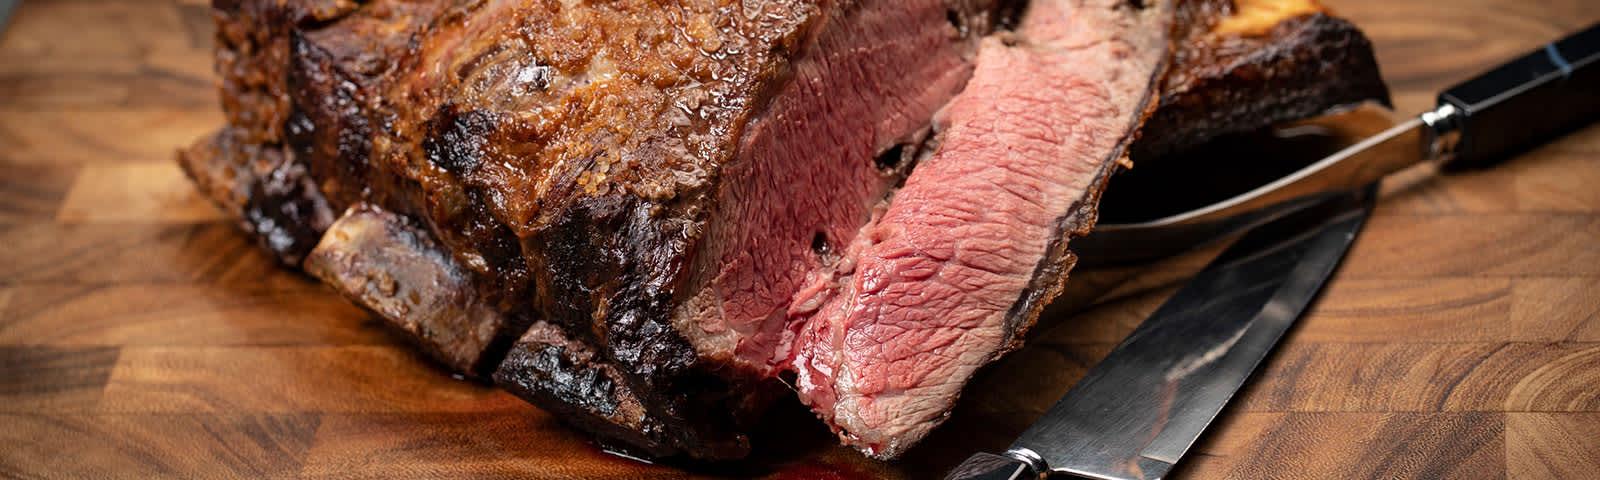 Meat-at-Porto-Do-Sul-Overaland-Park